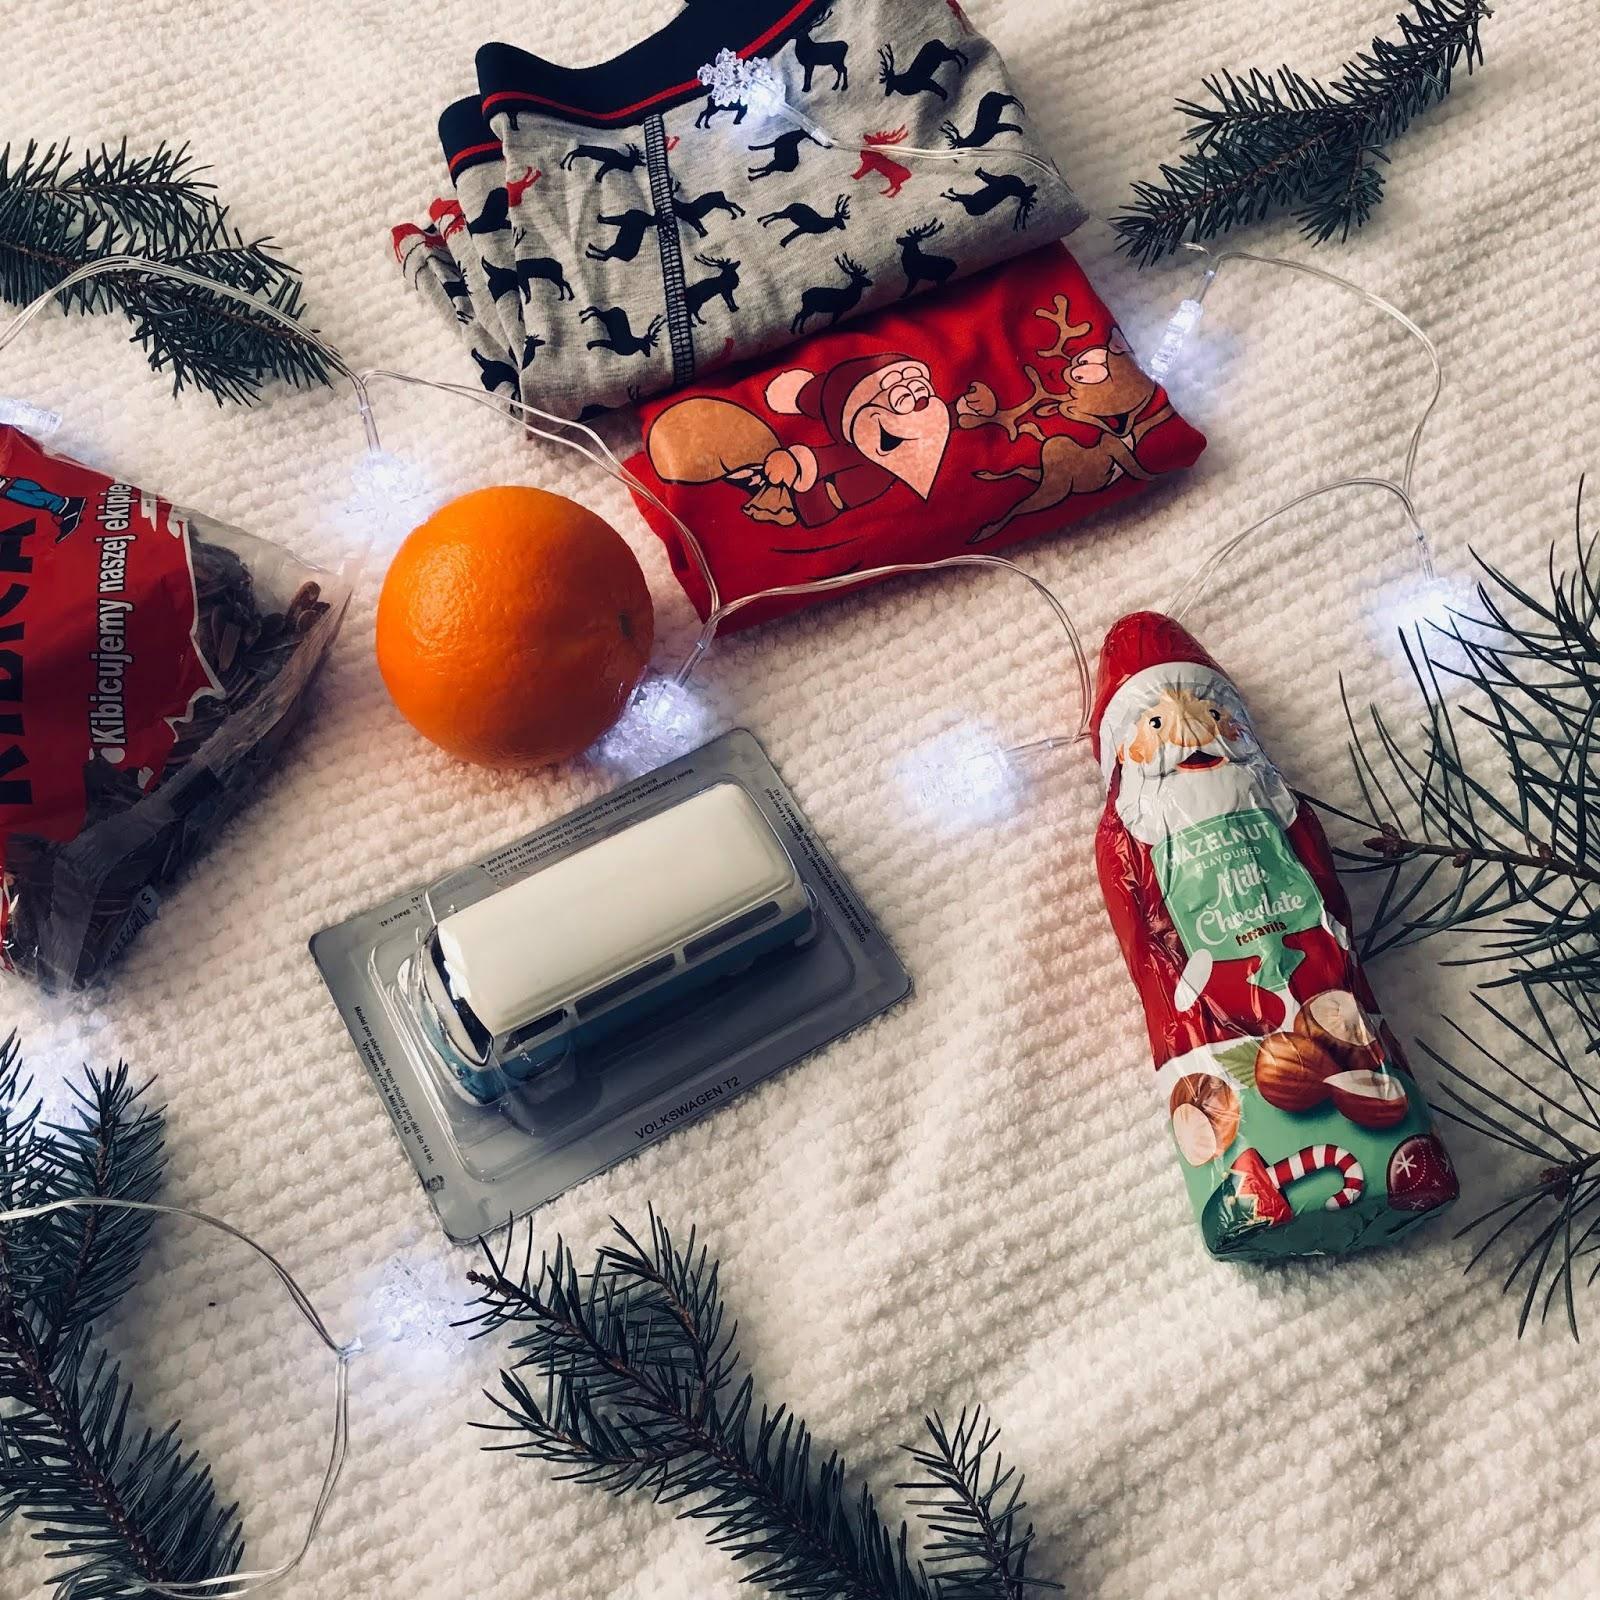 upominki, mikołajki Święta